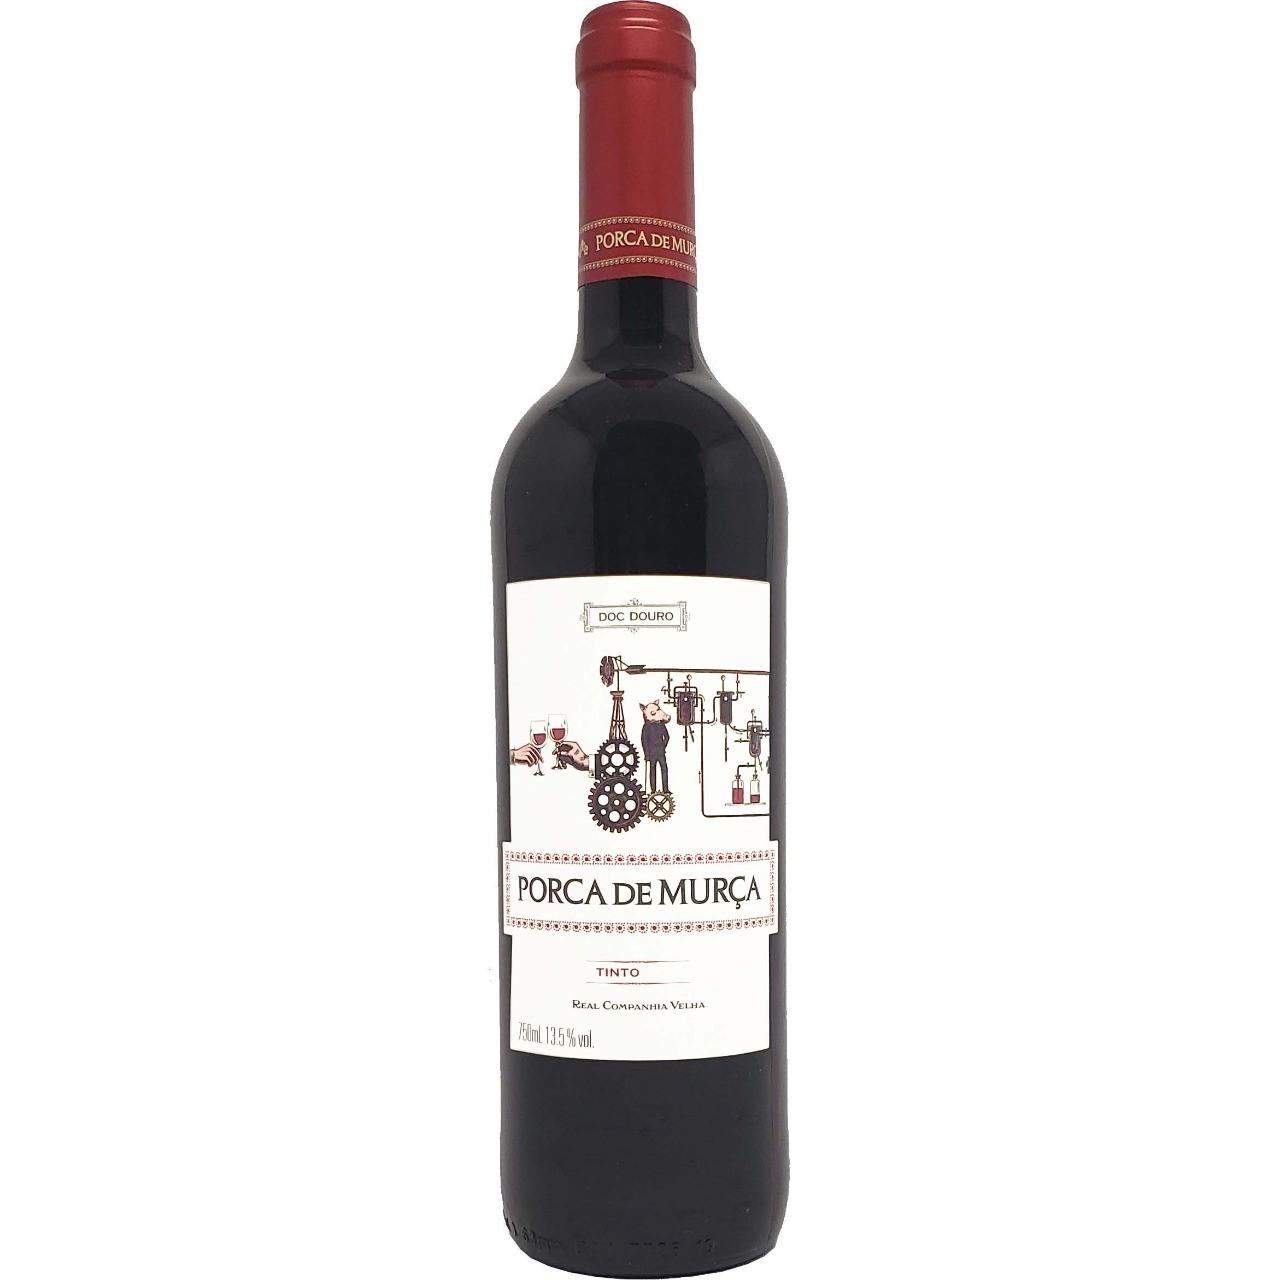 Vinho Tinto Porca de Murça Real Companhia Velha - 750ml -